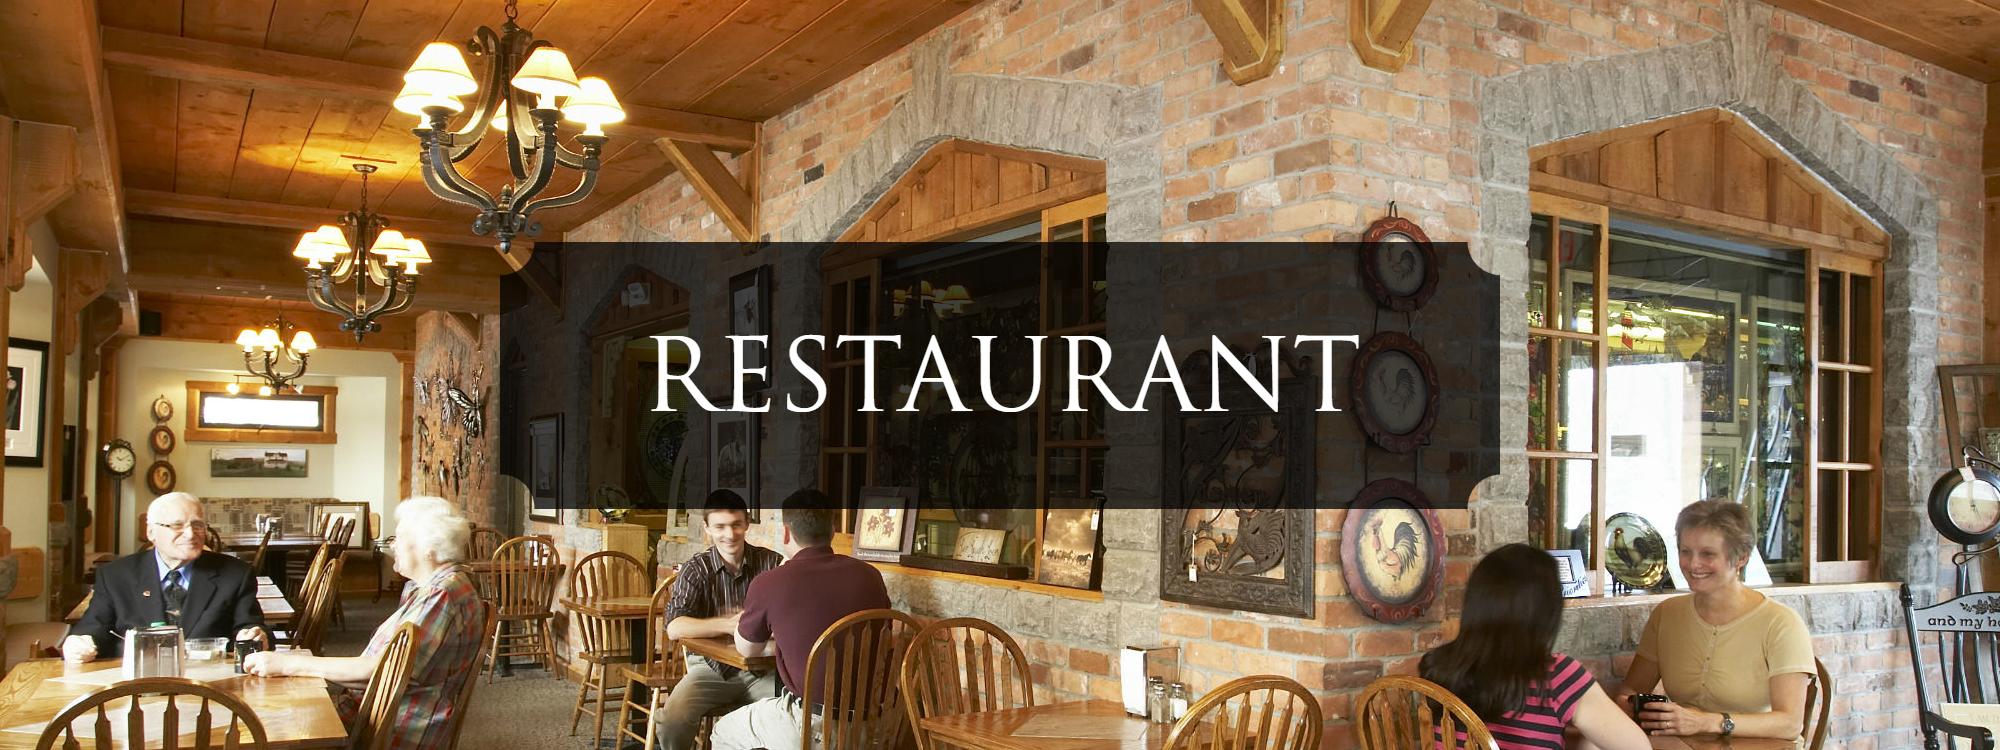 restaurant banner.jpg